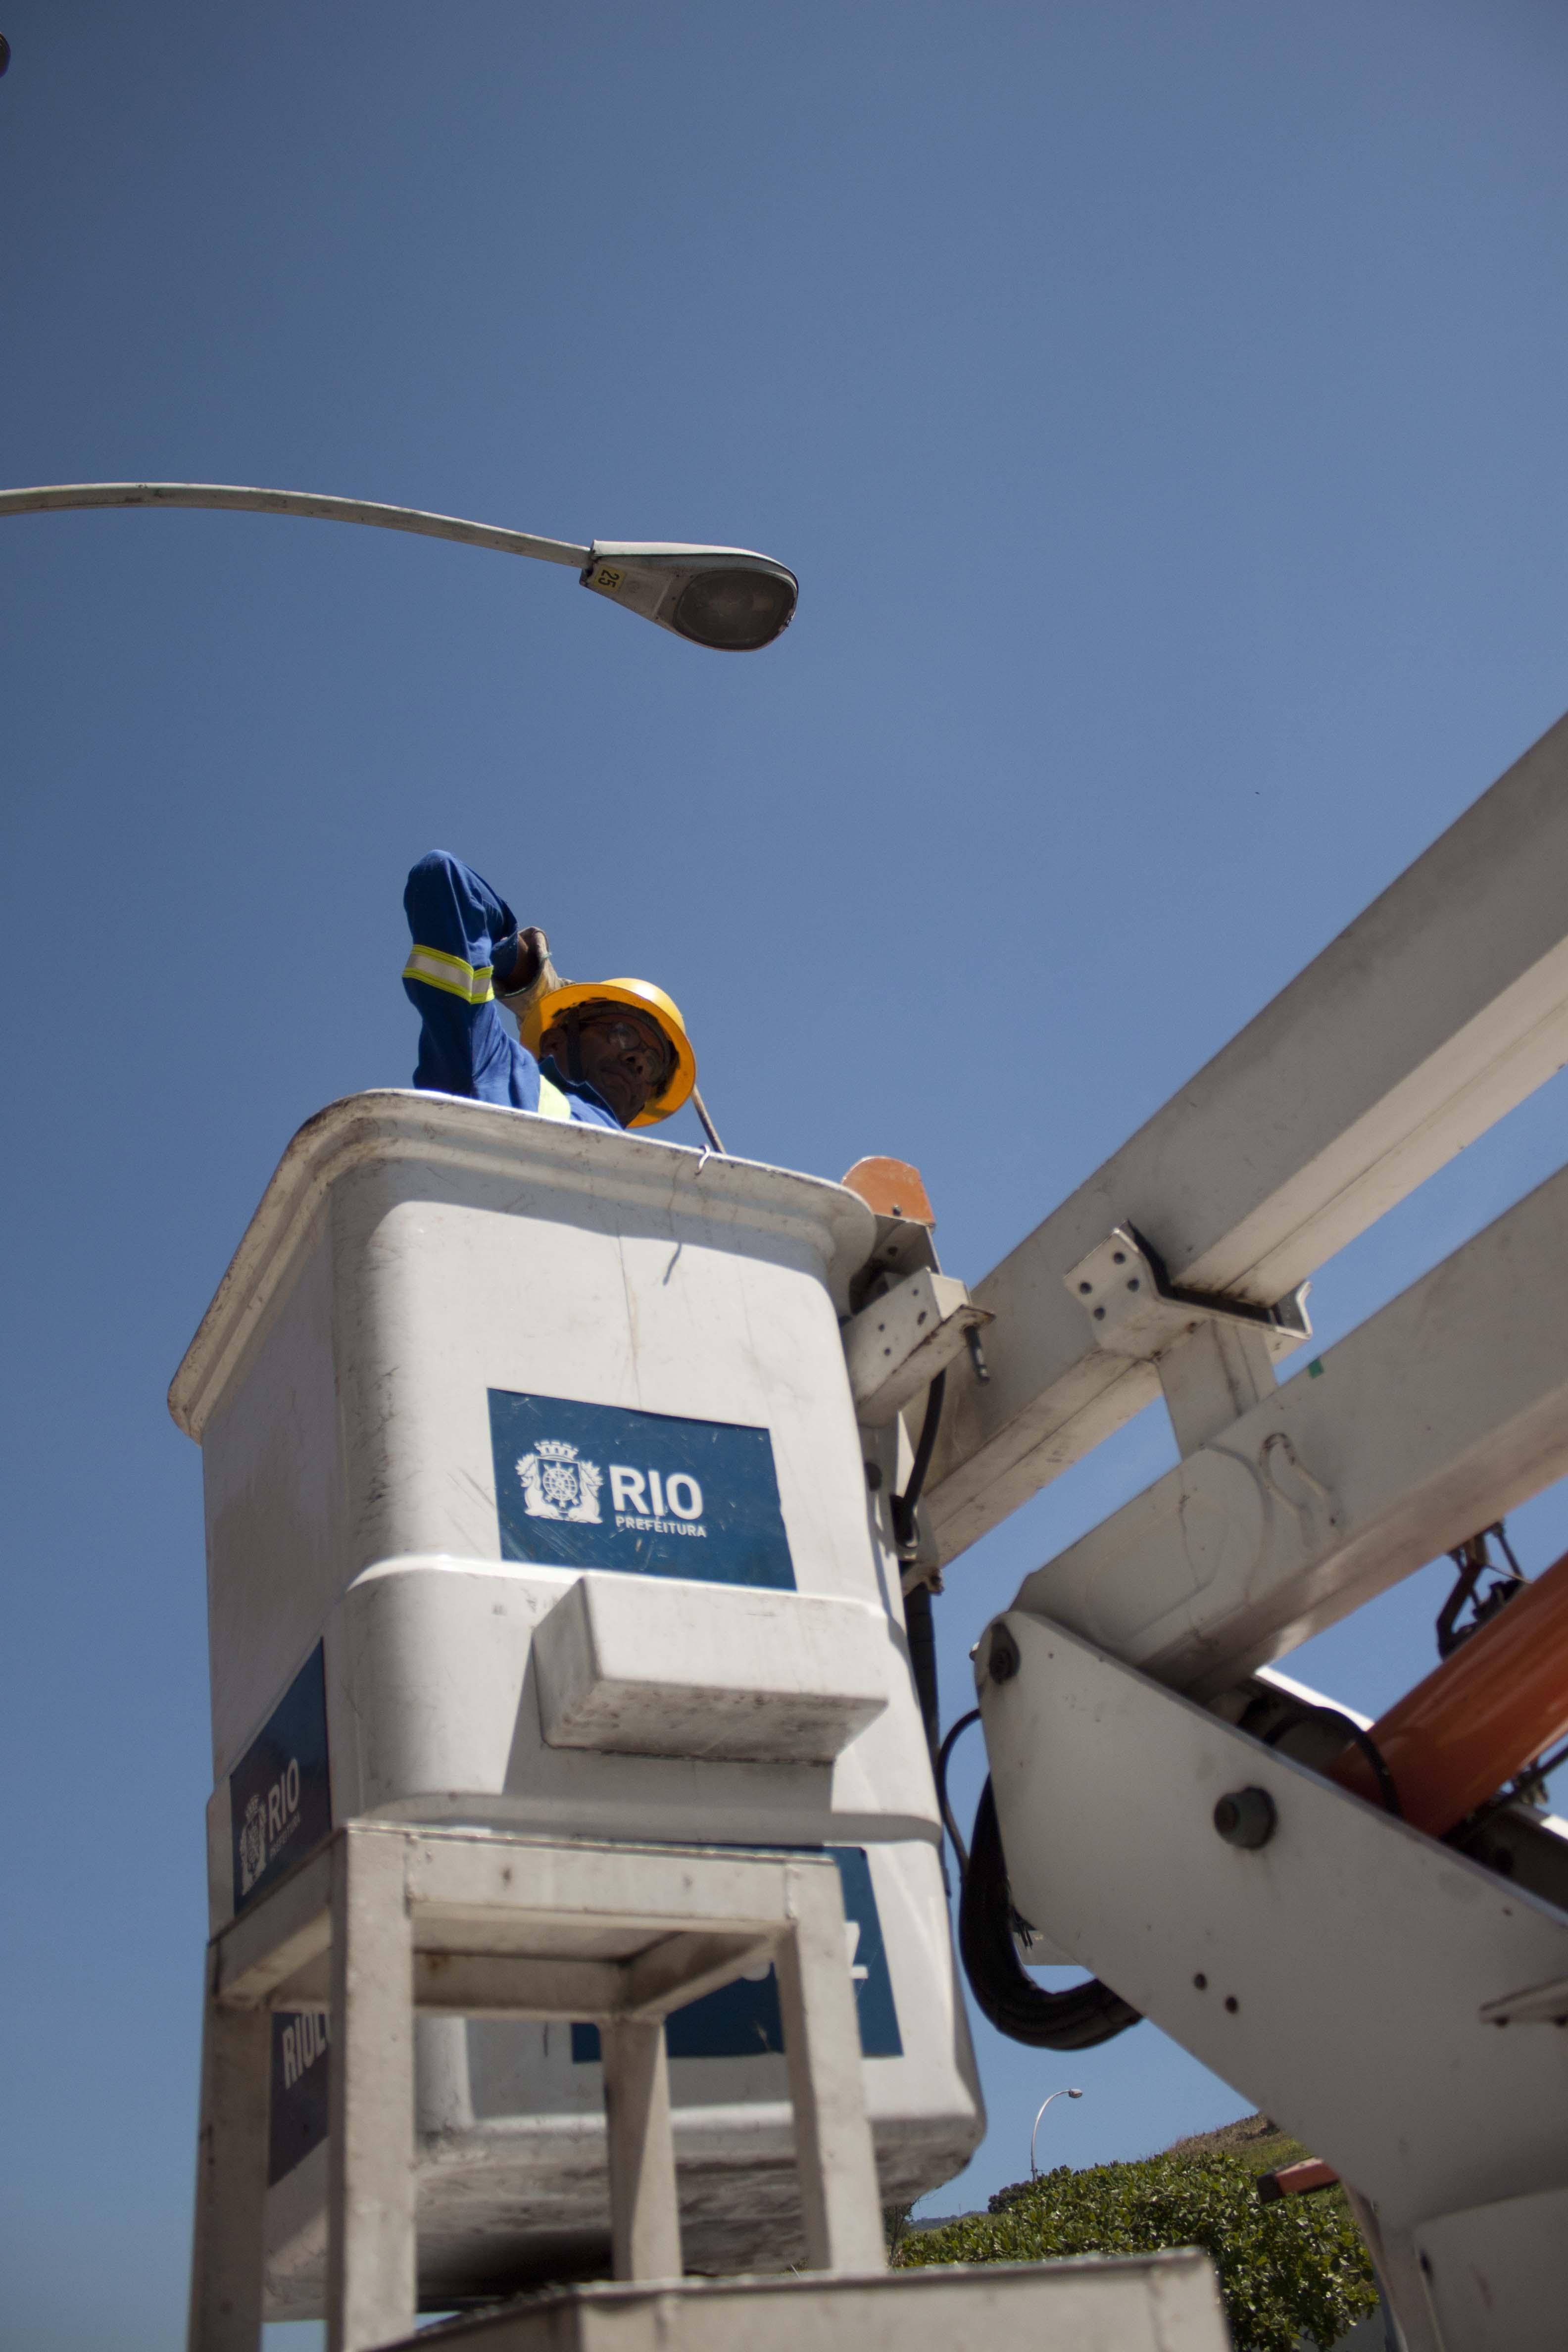 Rioluz executa modernização na iluminação pública da cidade